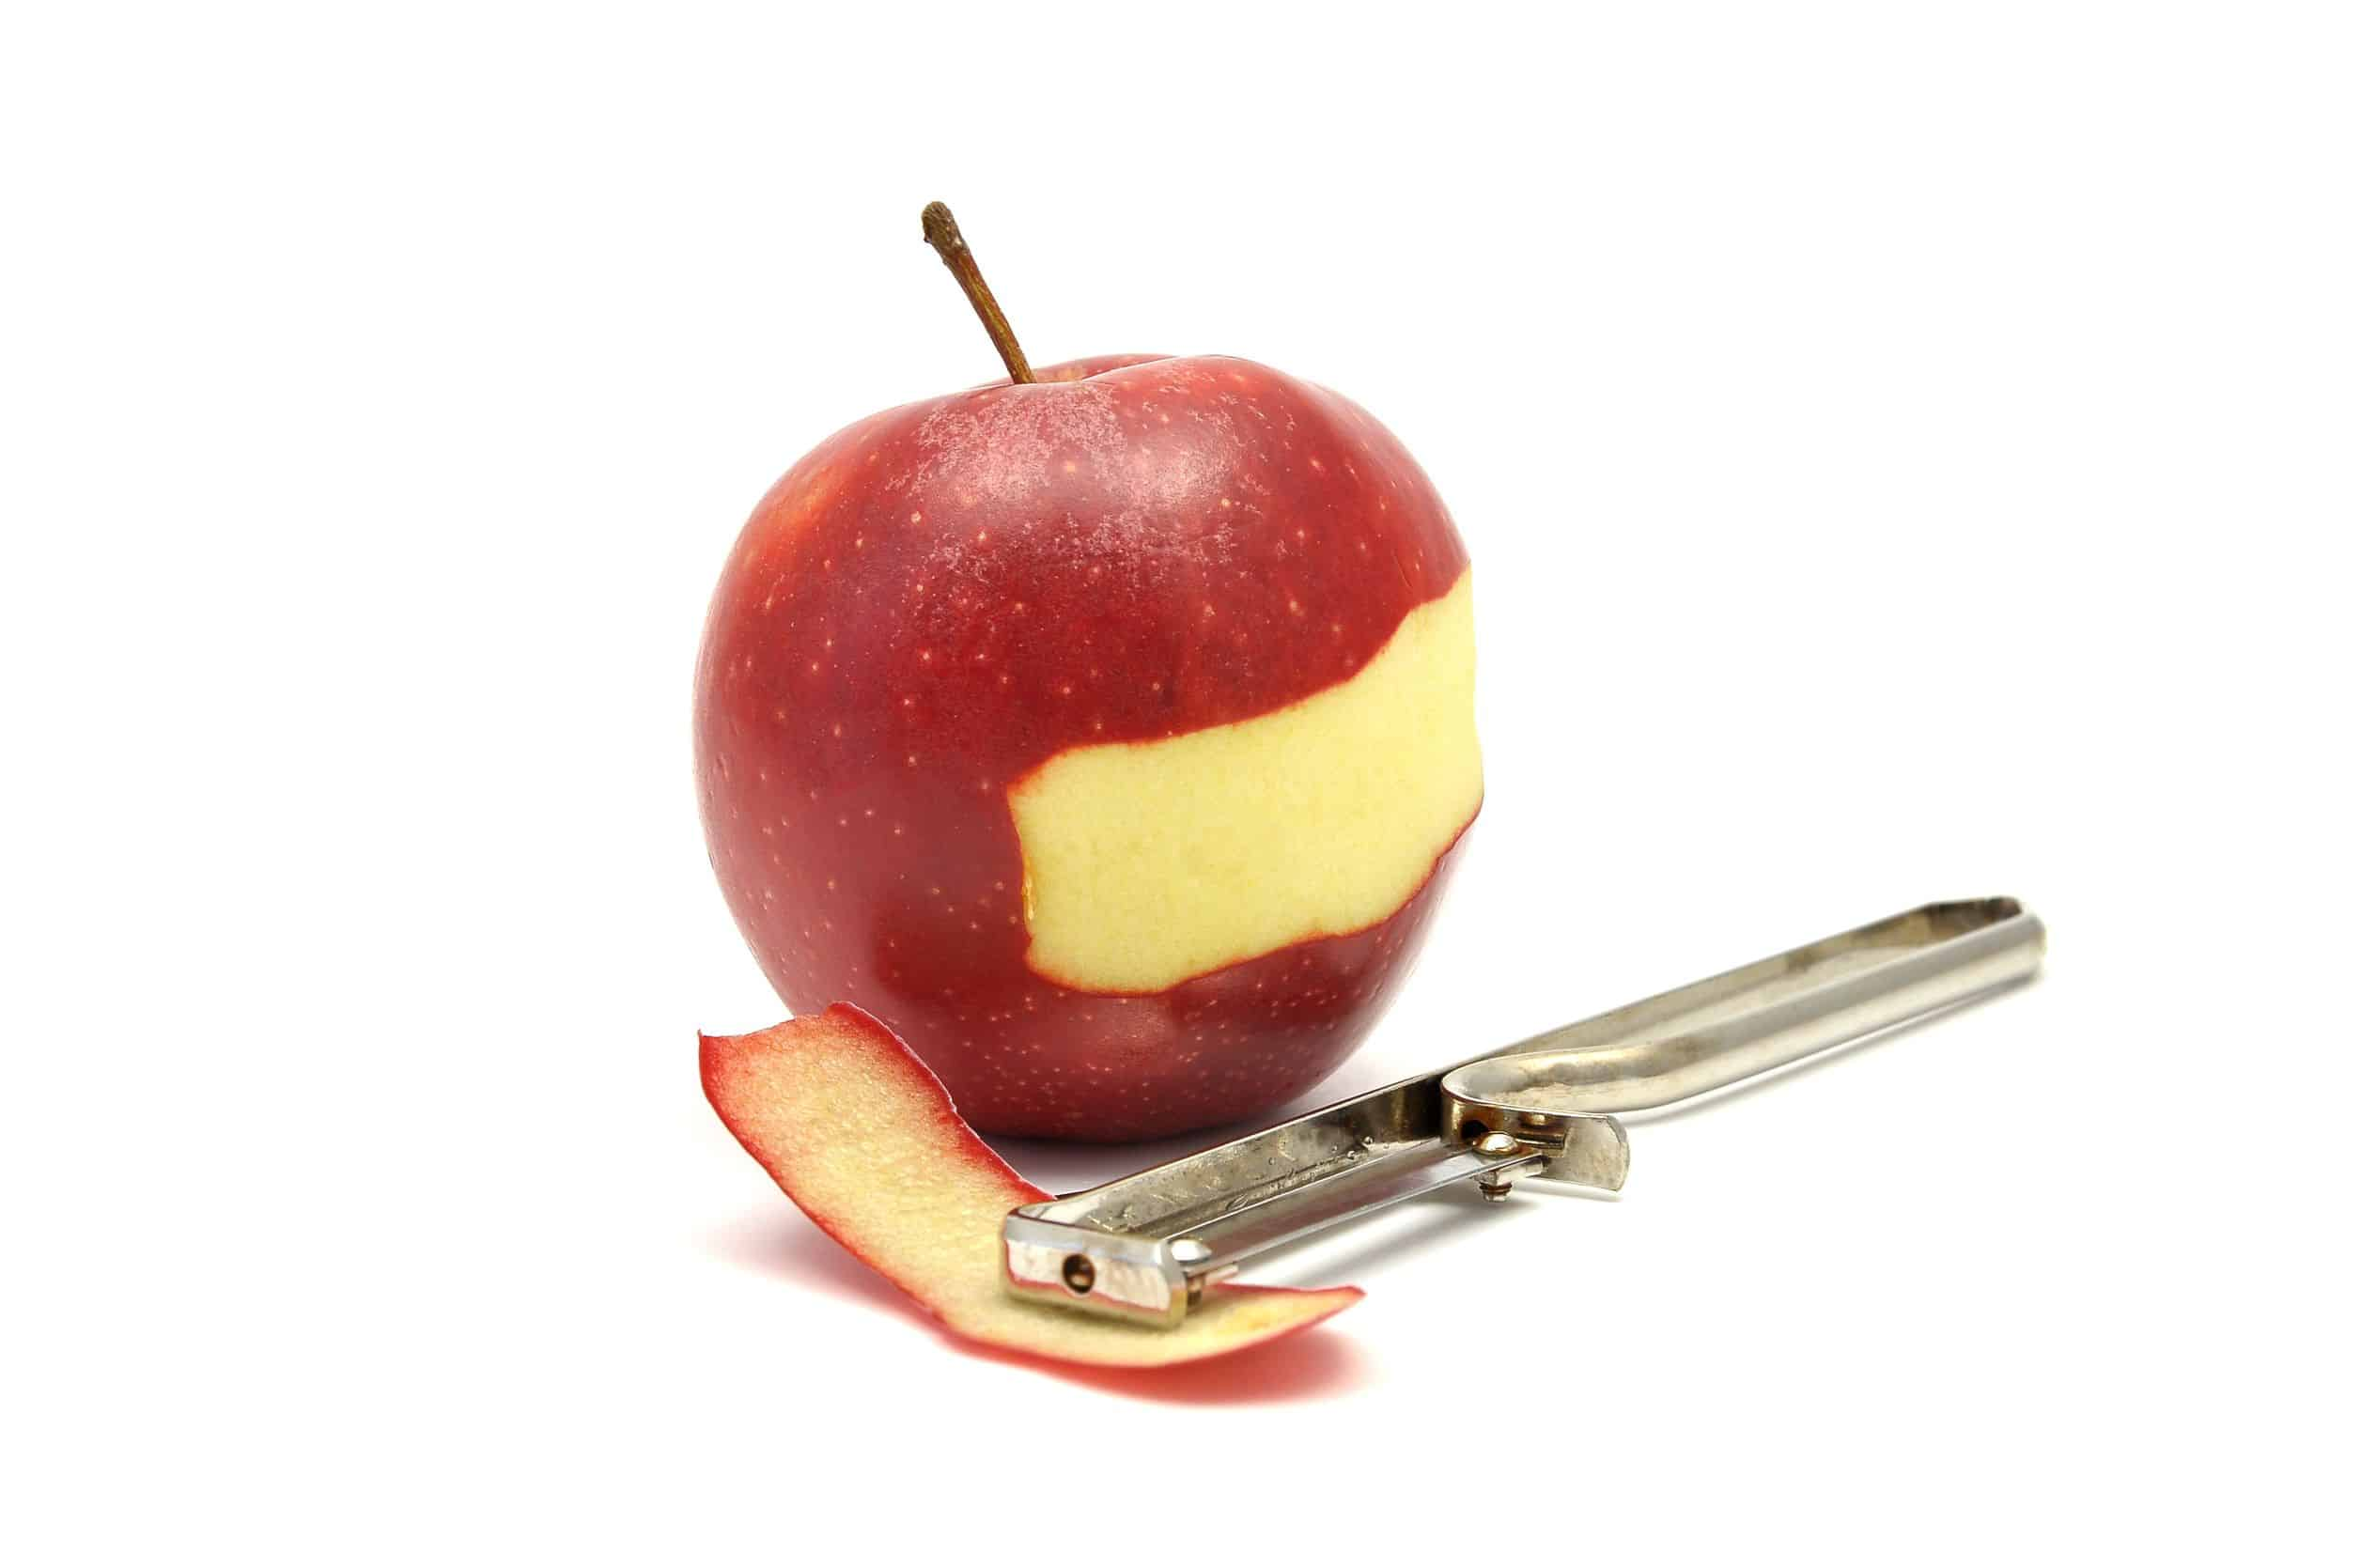 Apfelschäler: Test & Empfehlungen (05/21)